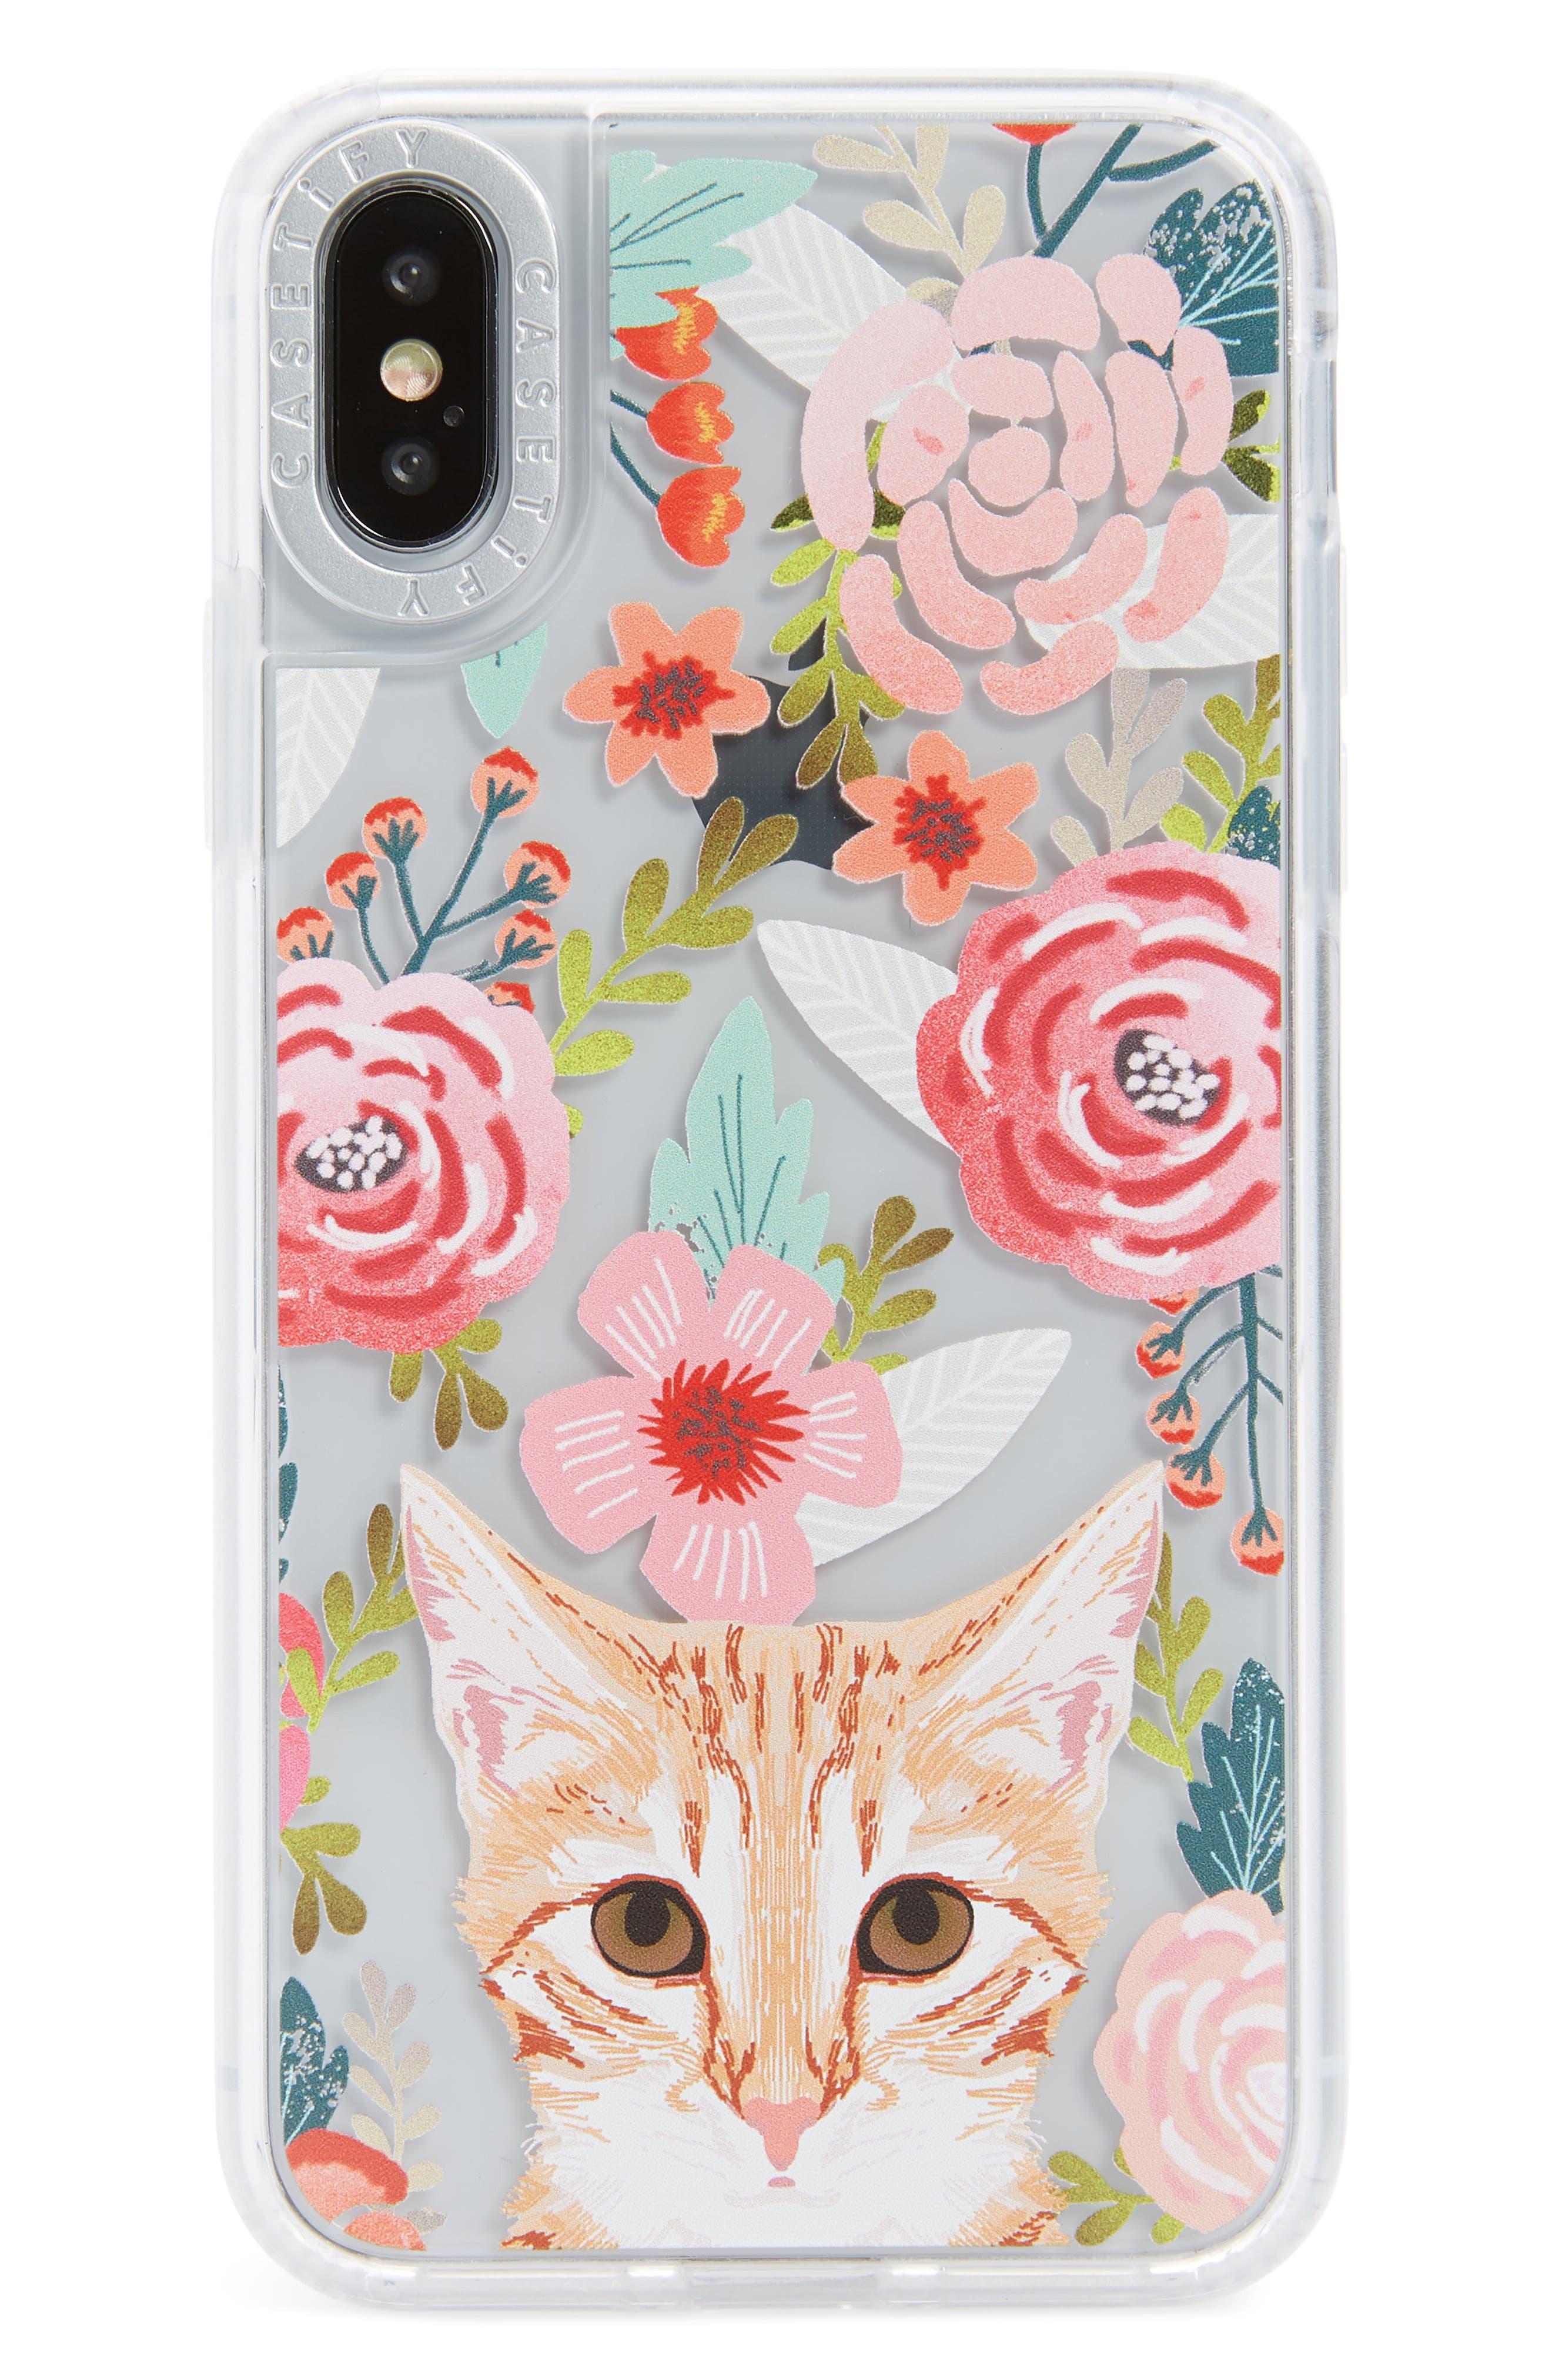 Cat Floral iPhone X/Xs, XR & X Max Case,                             Main thumbnail 1, color,                             MULTI ORANGE